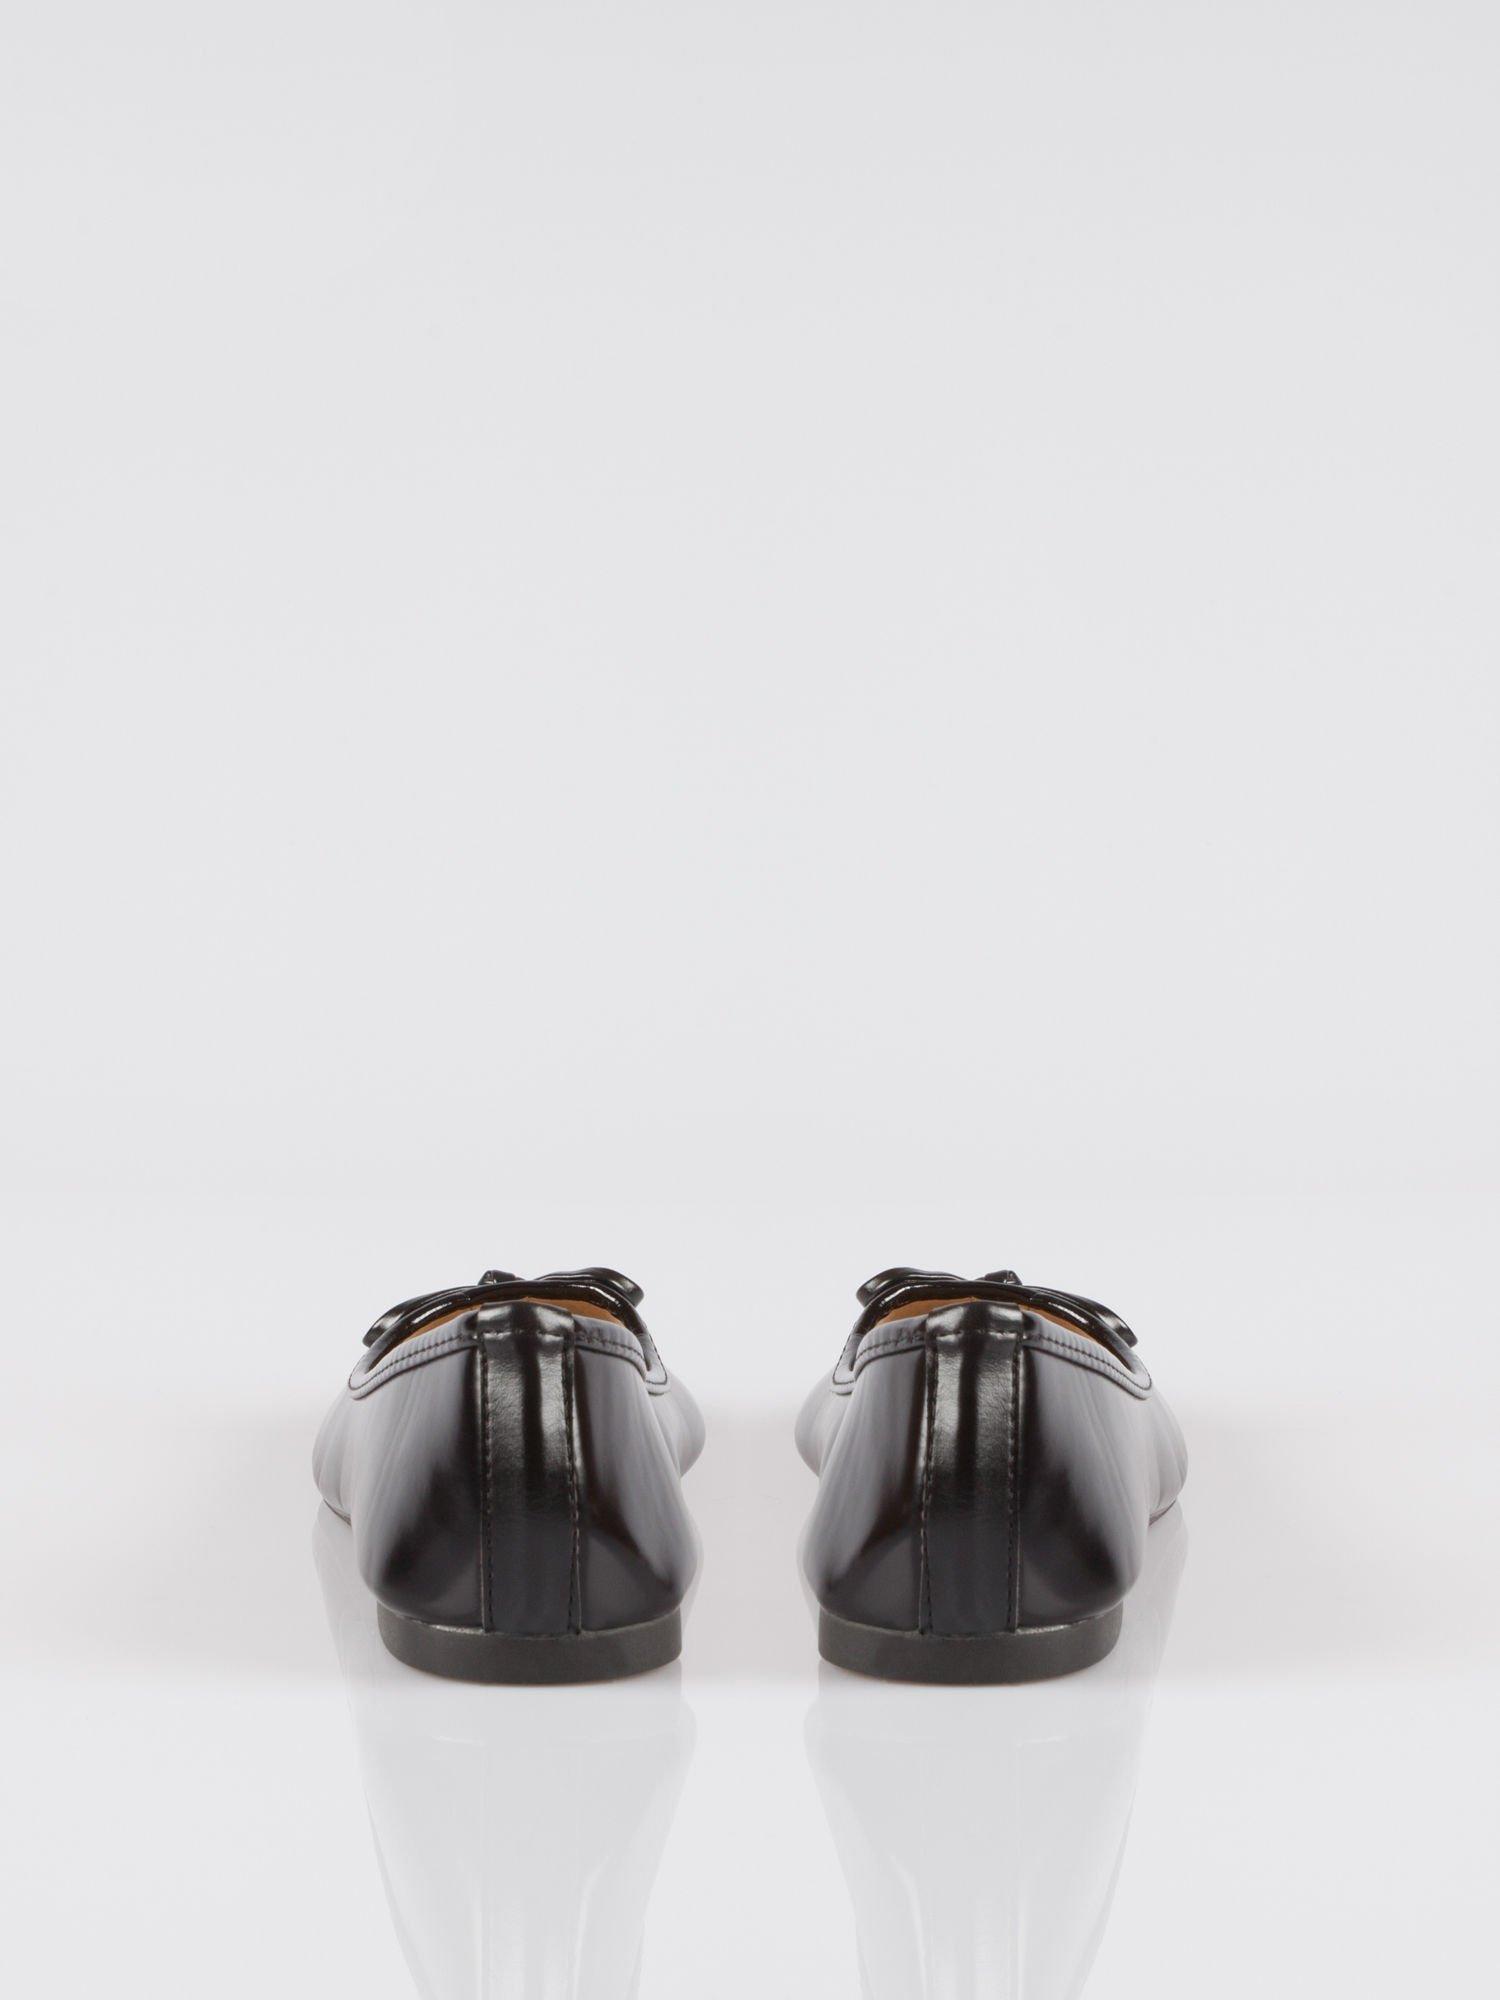 Czarne klasyczne lakierowane baletki faux polish leather z kokardką                                  zdj.                                  2